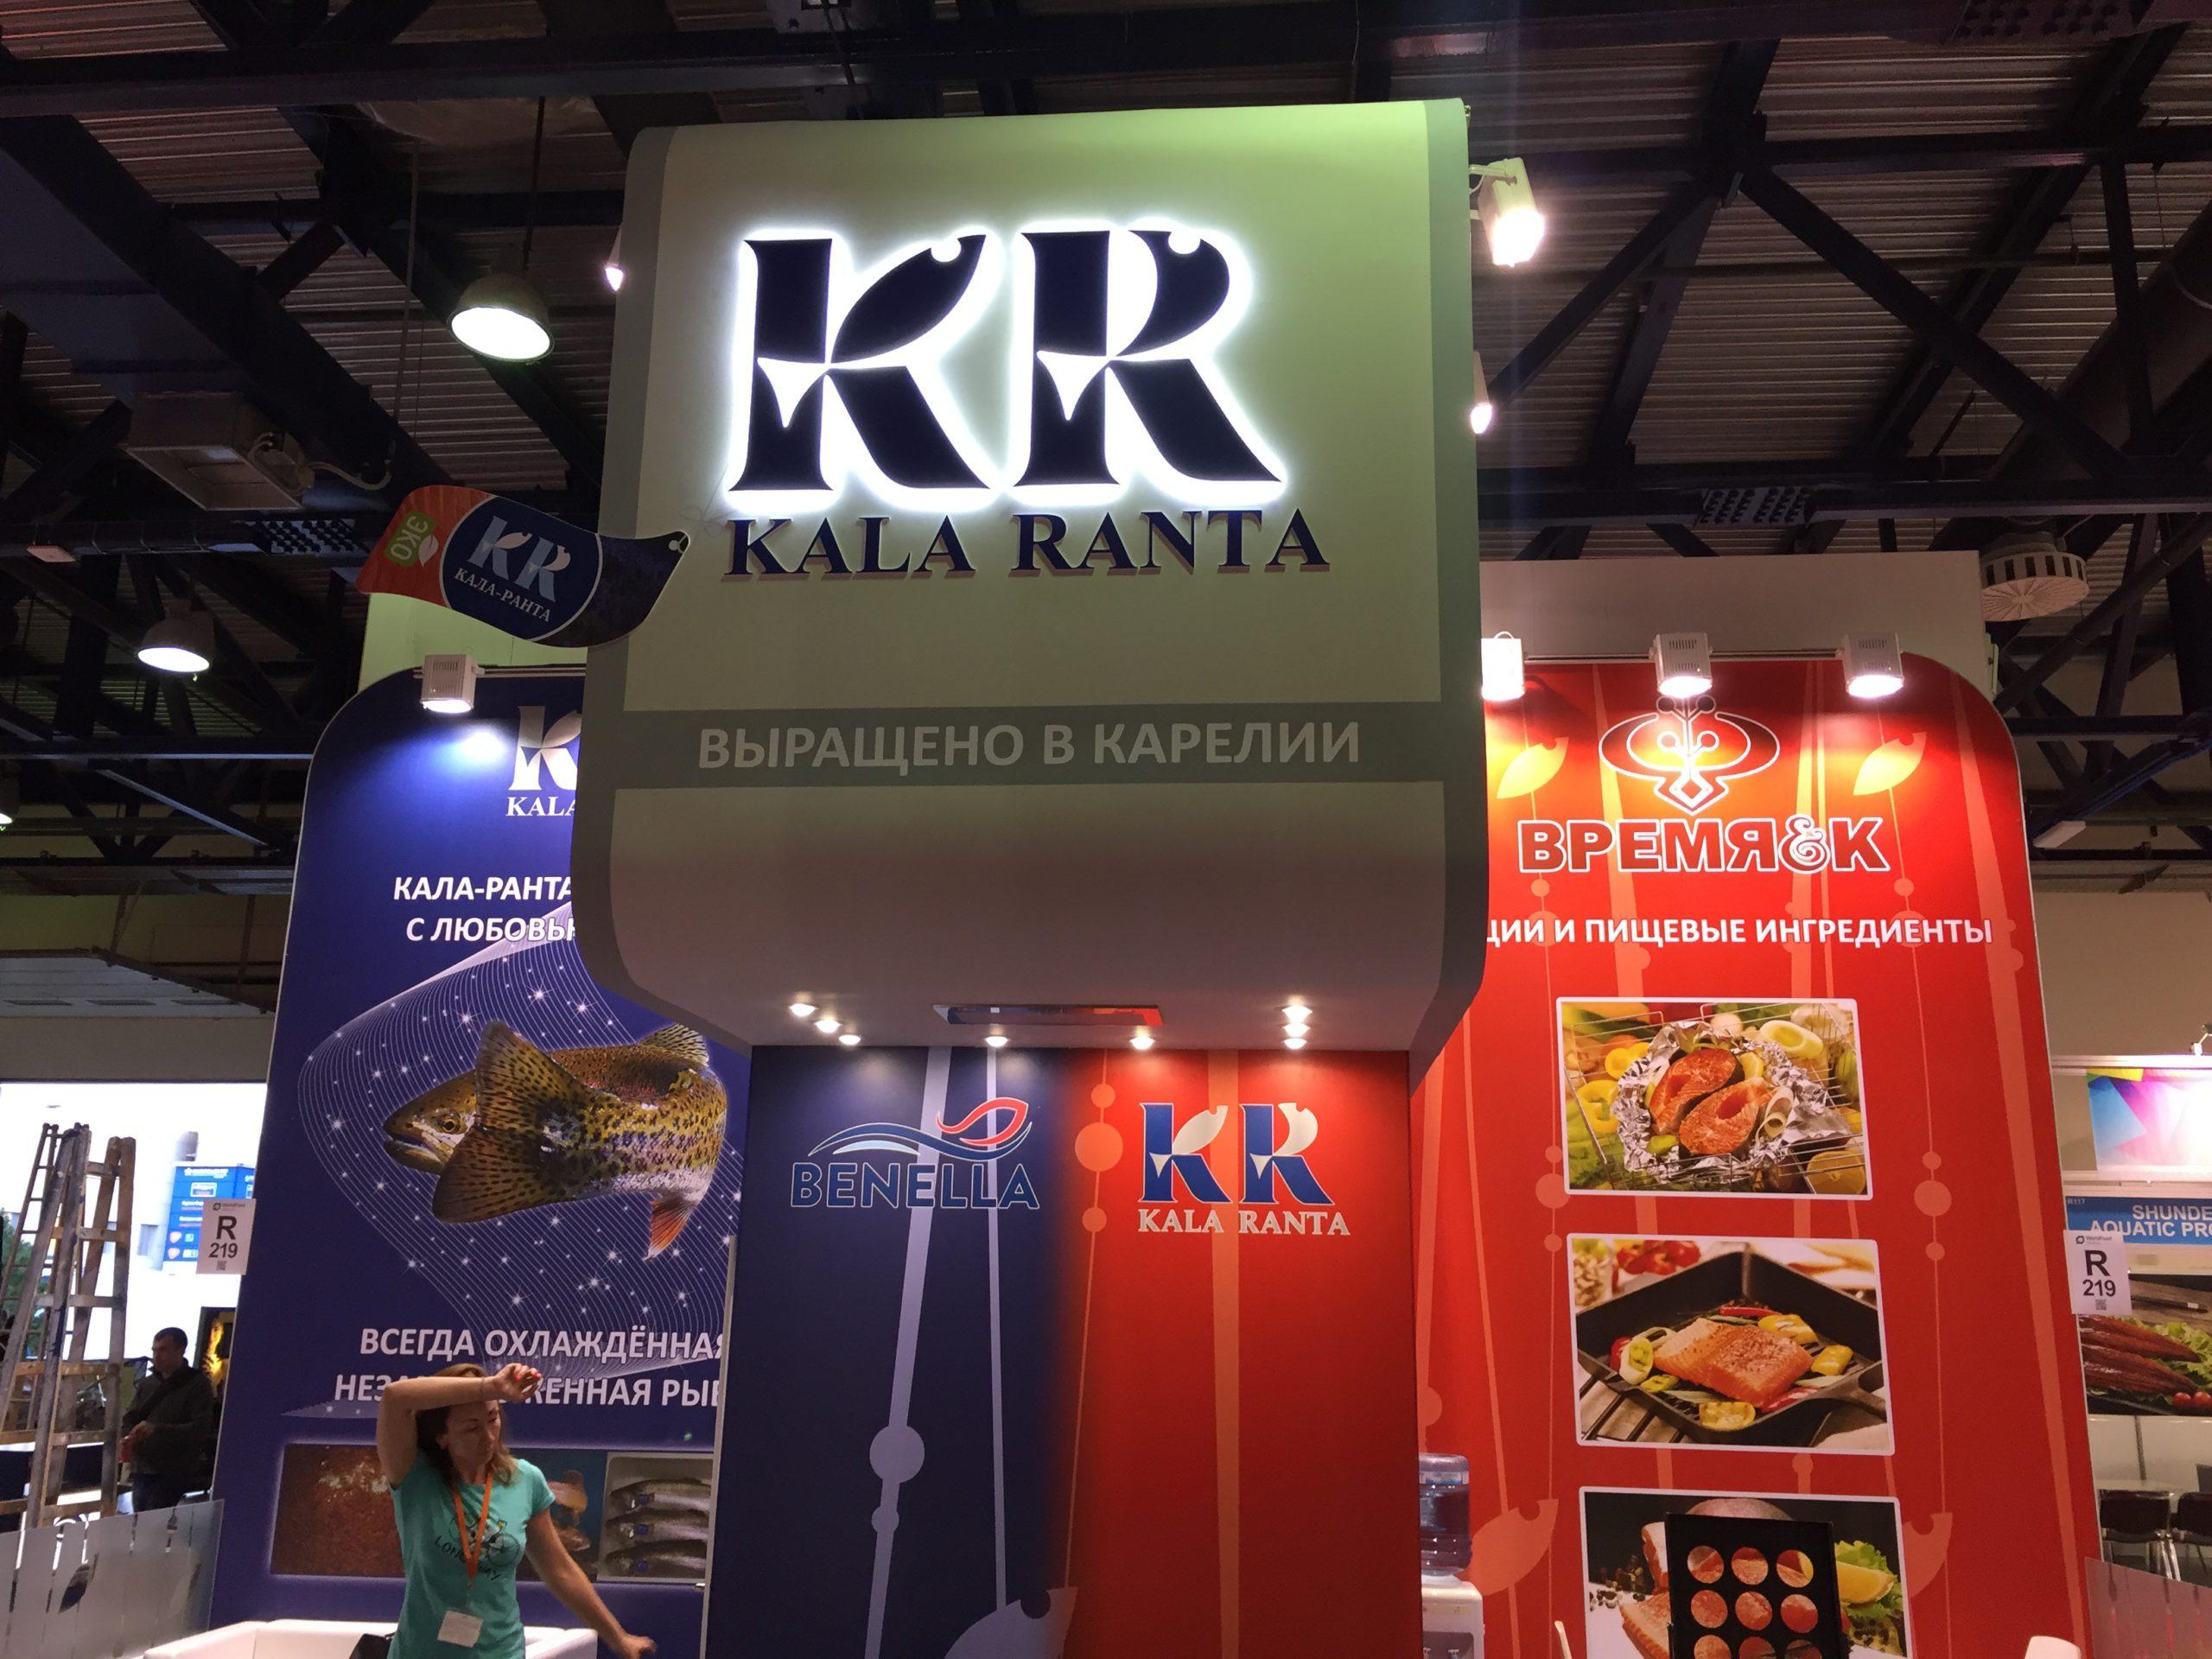 Kala-Ranta-7